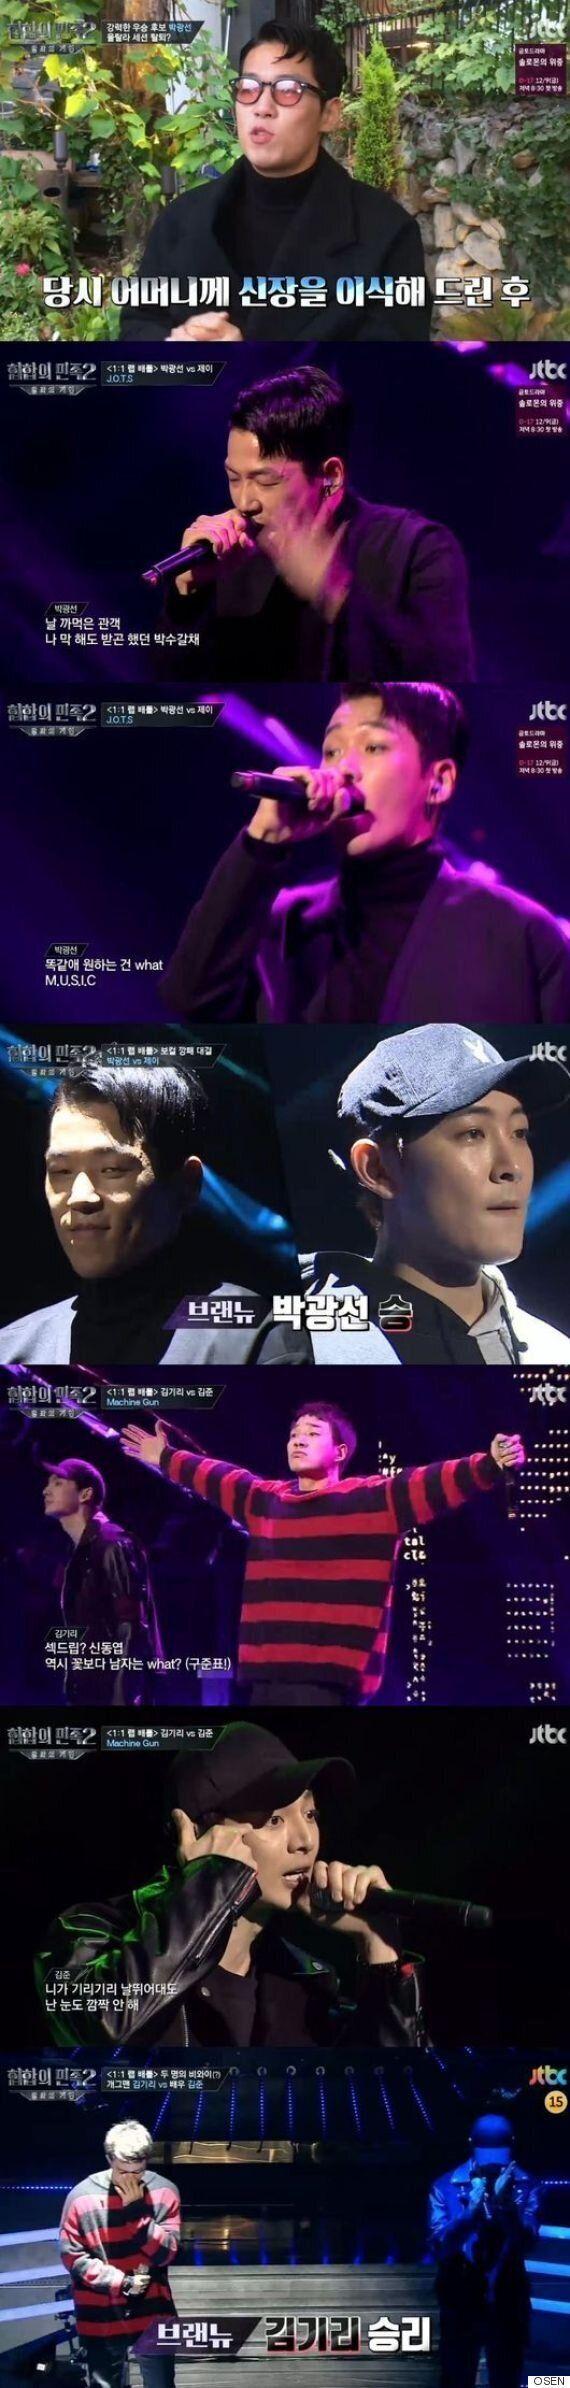 '힙합2', 죽음의 1대1 배틀..박광선-장성환-김기리